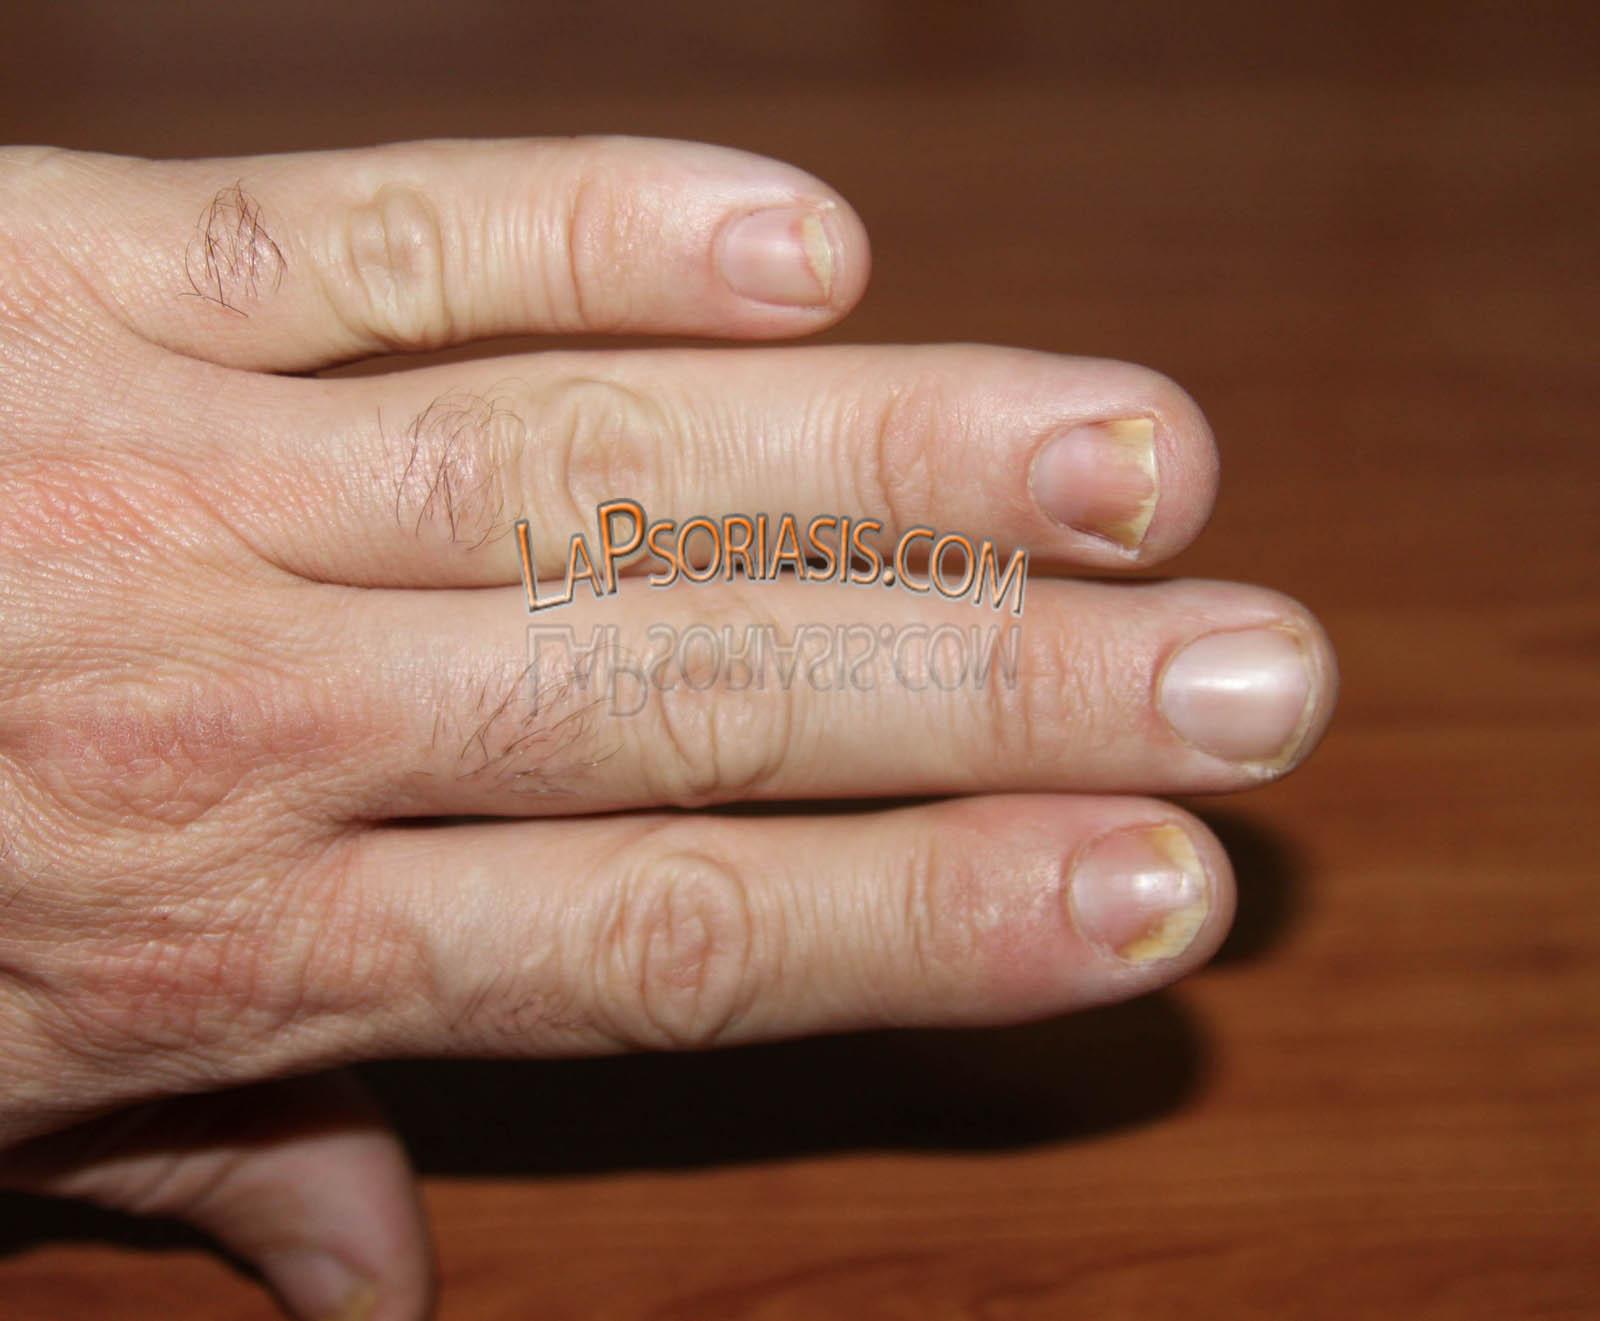 El tratamiento atopicheskogo de la dermatitis sobre los codos